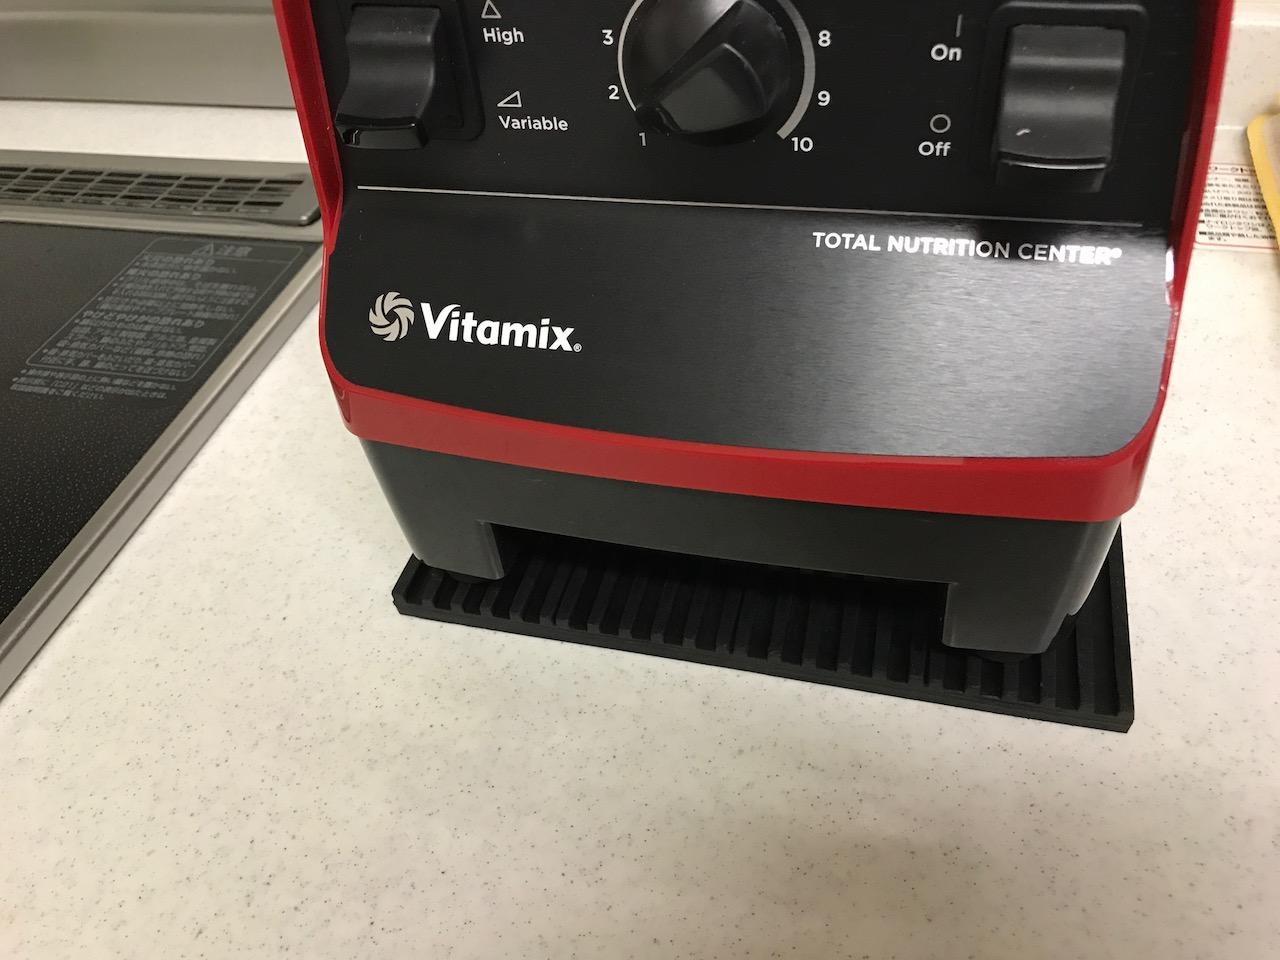 えっ、これだけ!?バイタミックスVM0111/TNC5200ブレンダーの防音・振動対策!